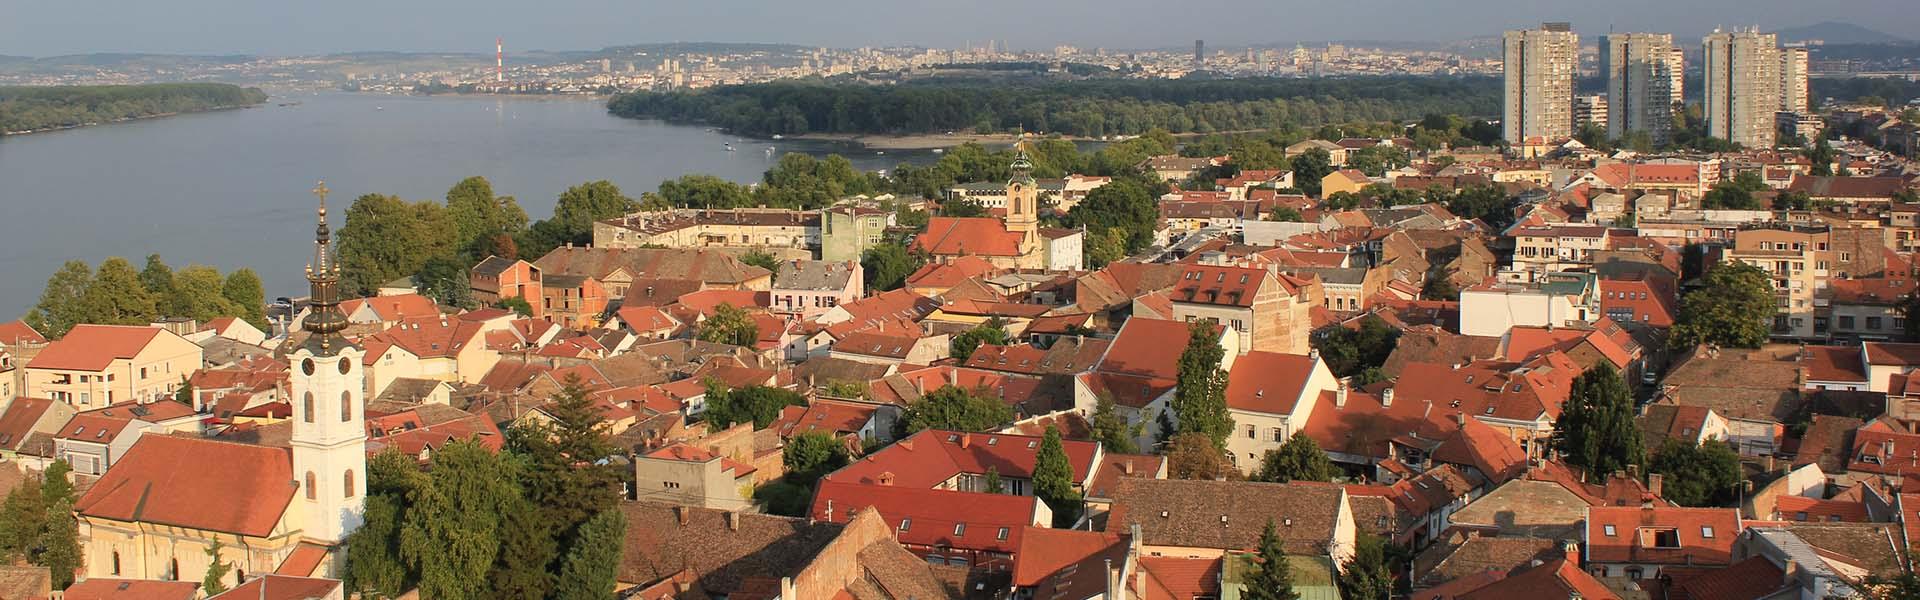 Dostava hrane Donji grad   Beograd